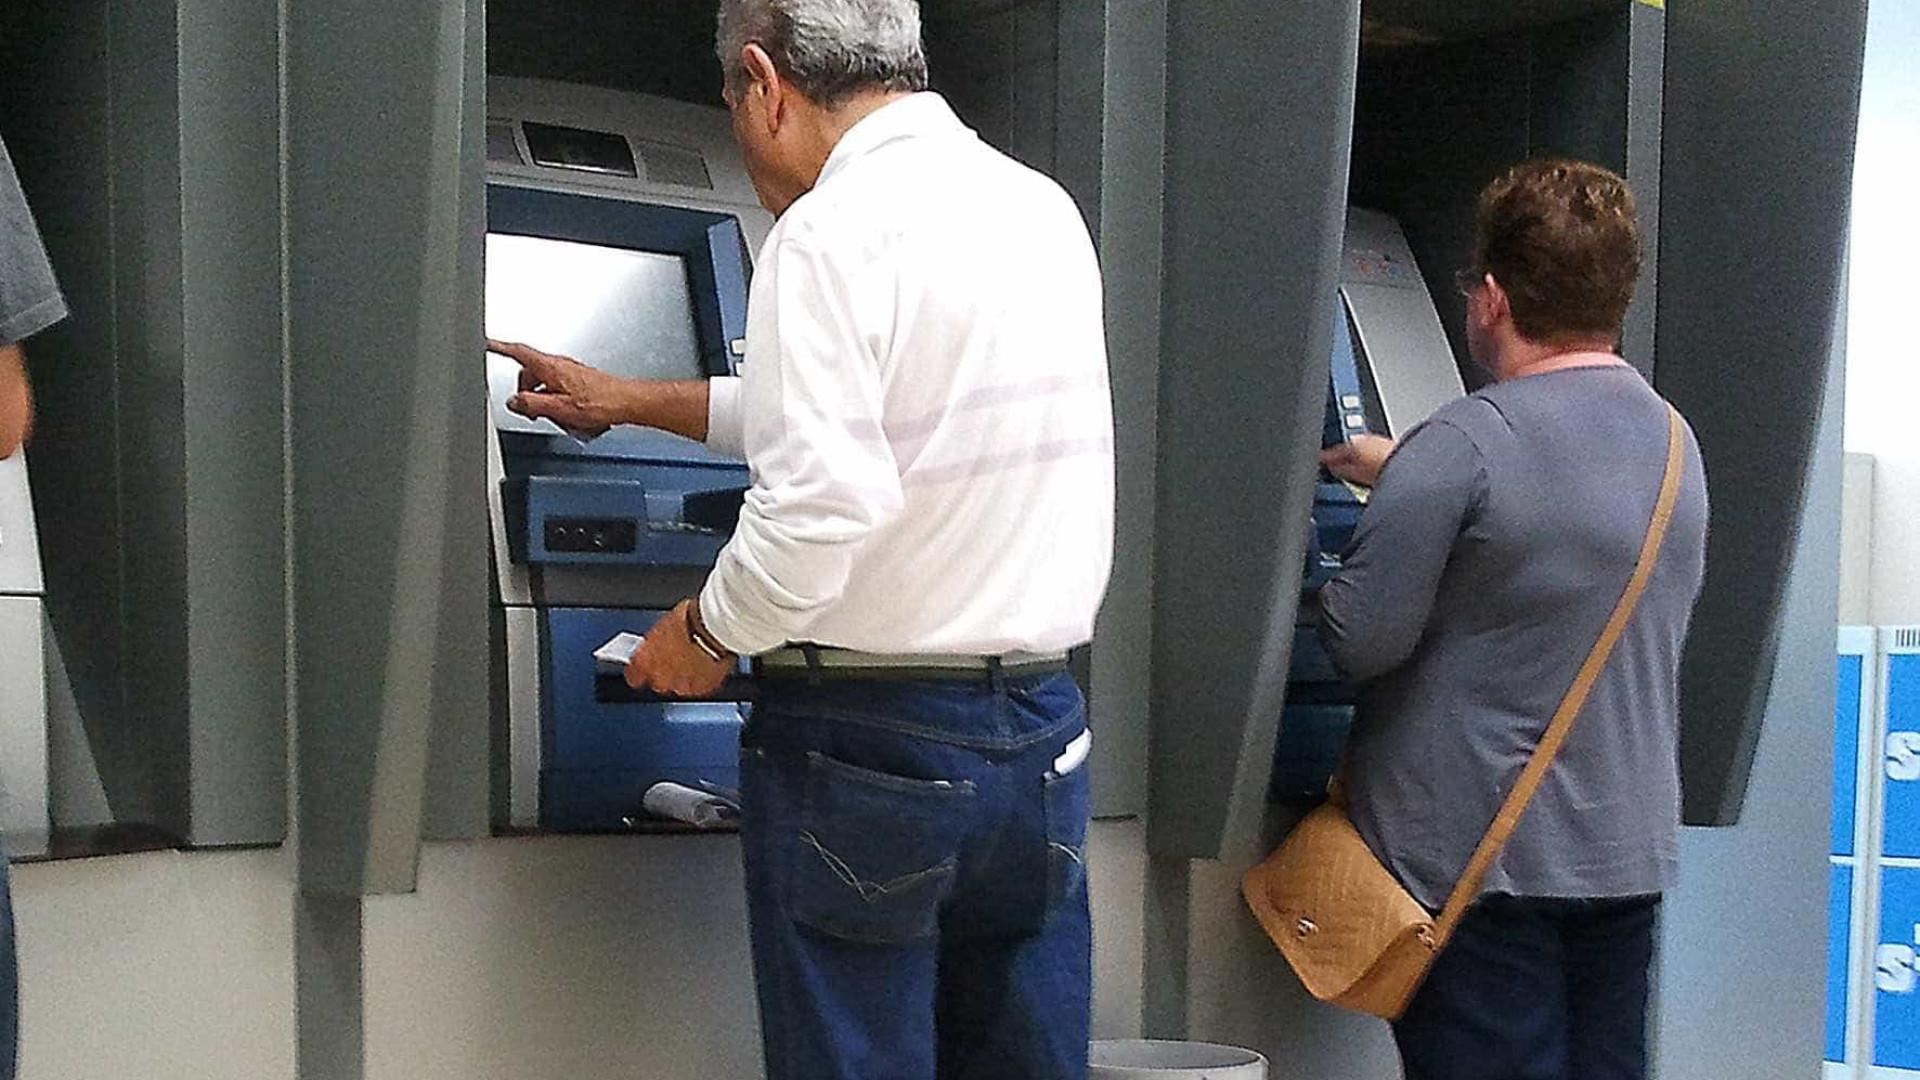 Pagamento do 13º salário de aposentados começa segunda; veja regras